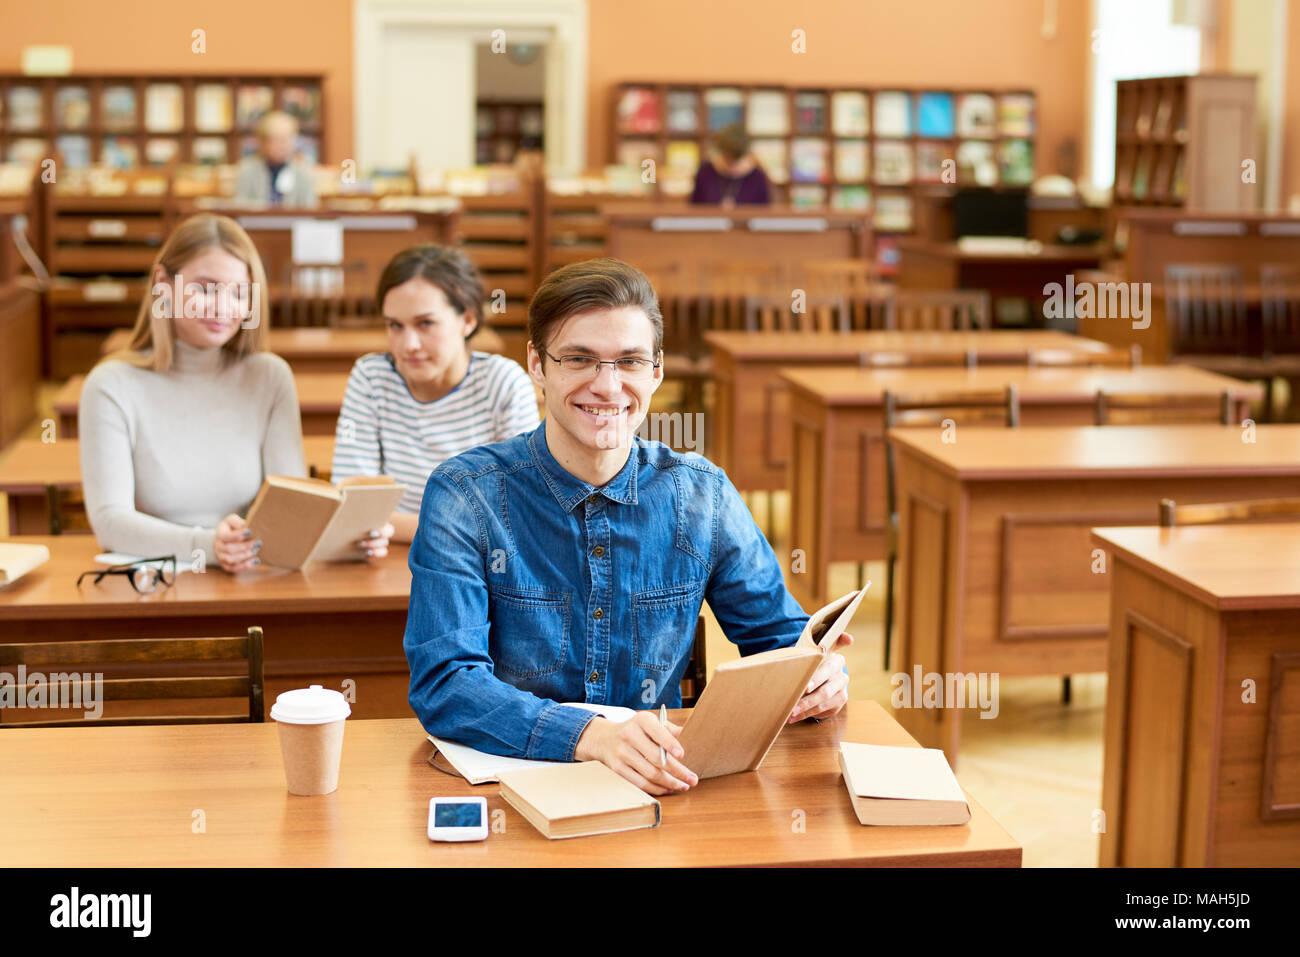 Heureux élève appliquée dans la bibliothèque Photo Stock